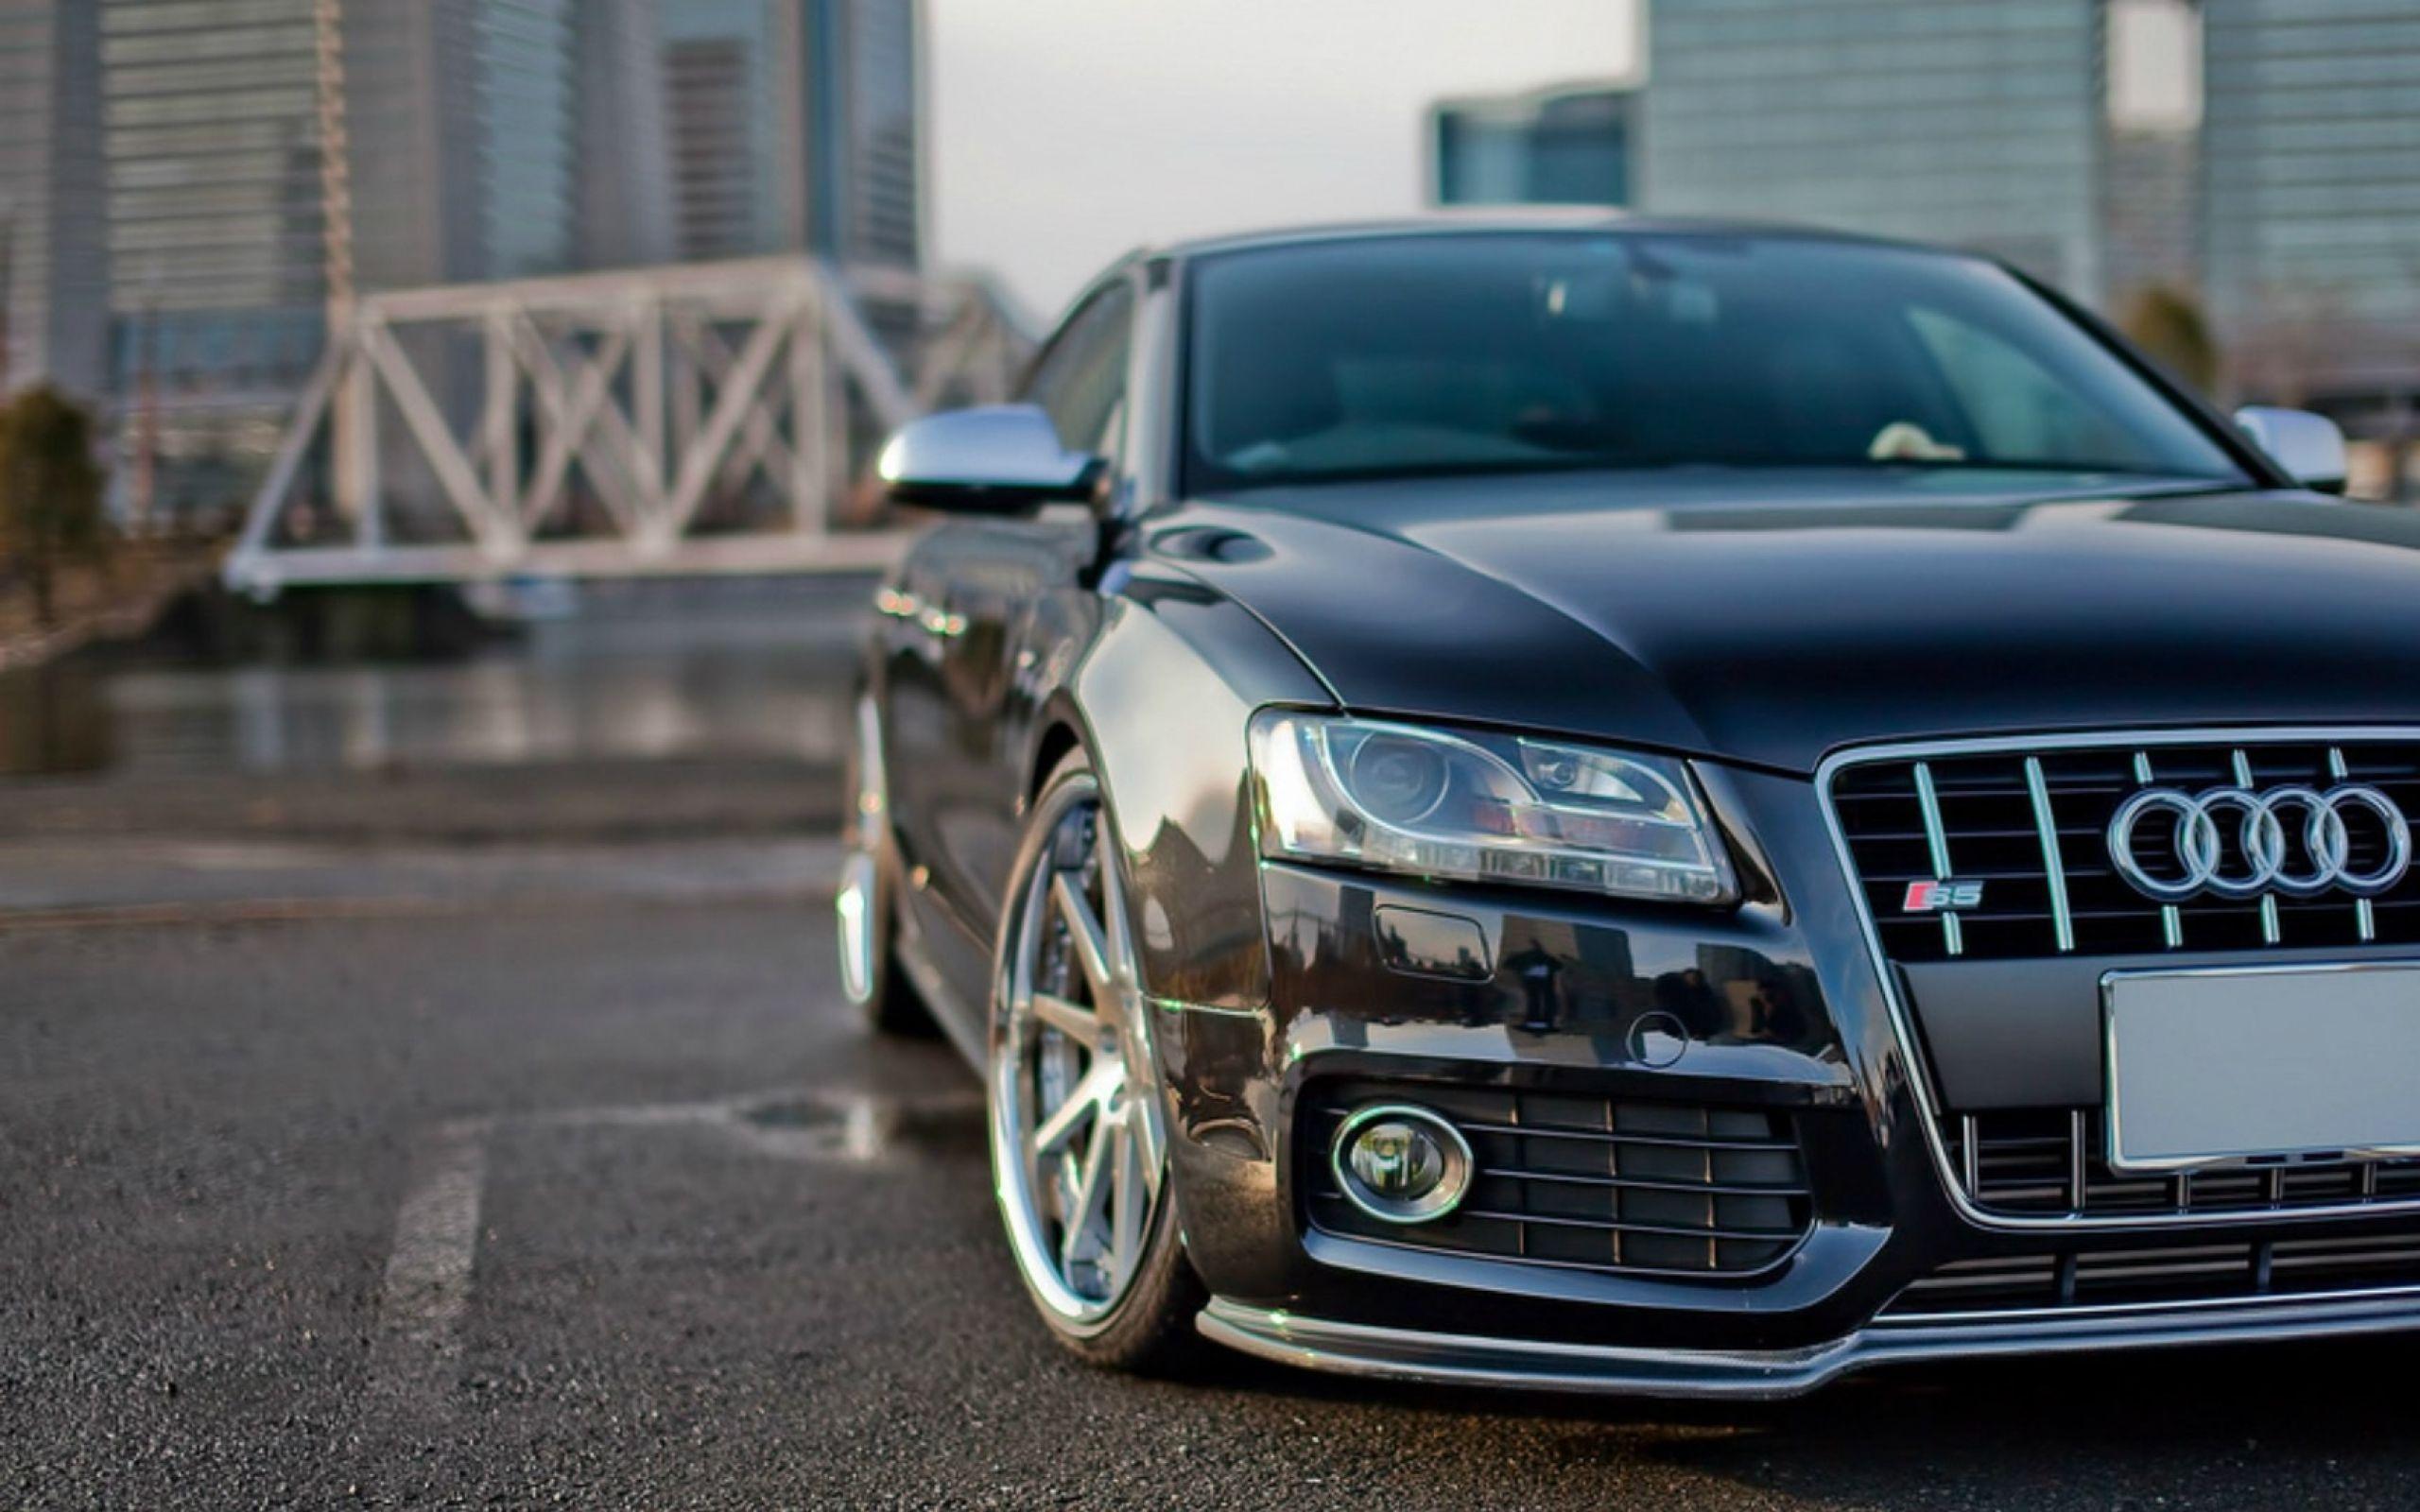 Audi S4 Wallpaper 20